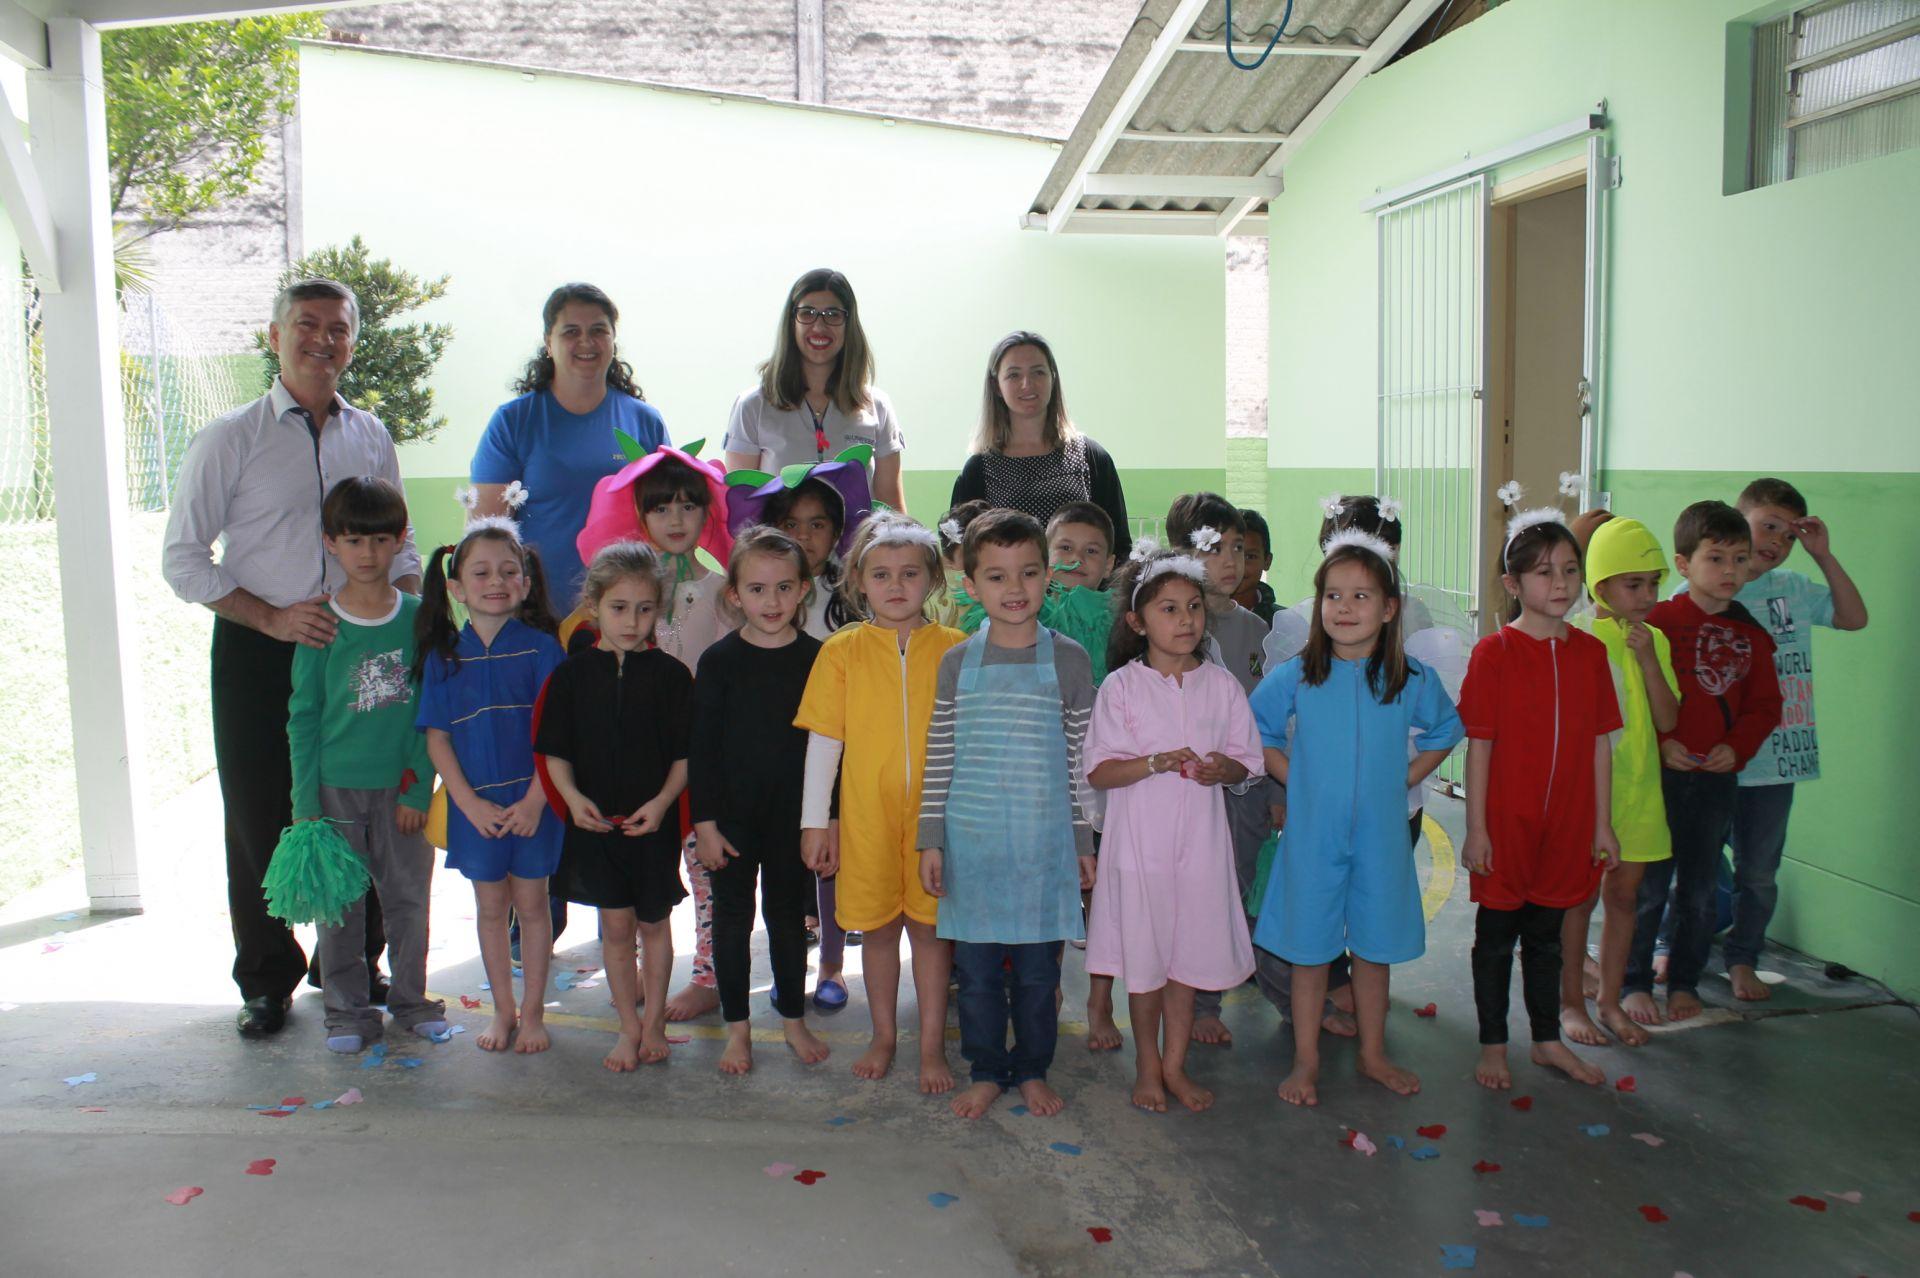 Reitor entrega livros infantis arrecadados no trote solidário